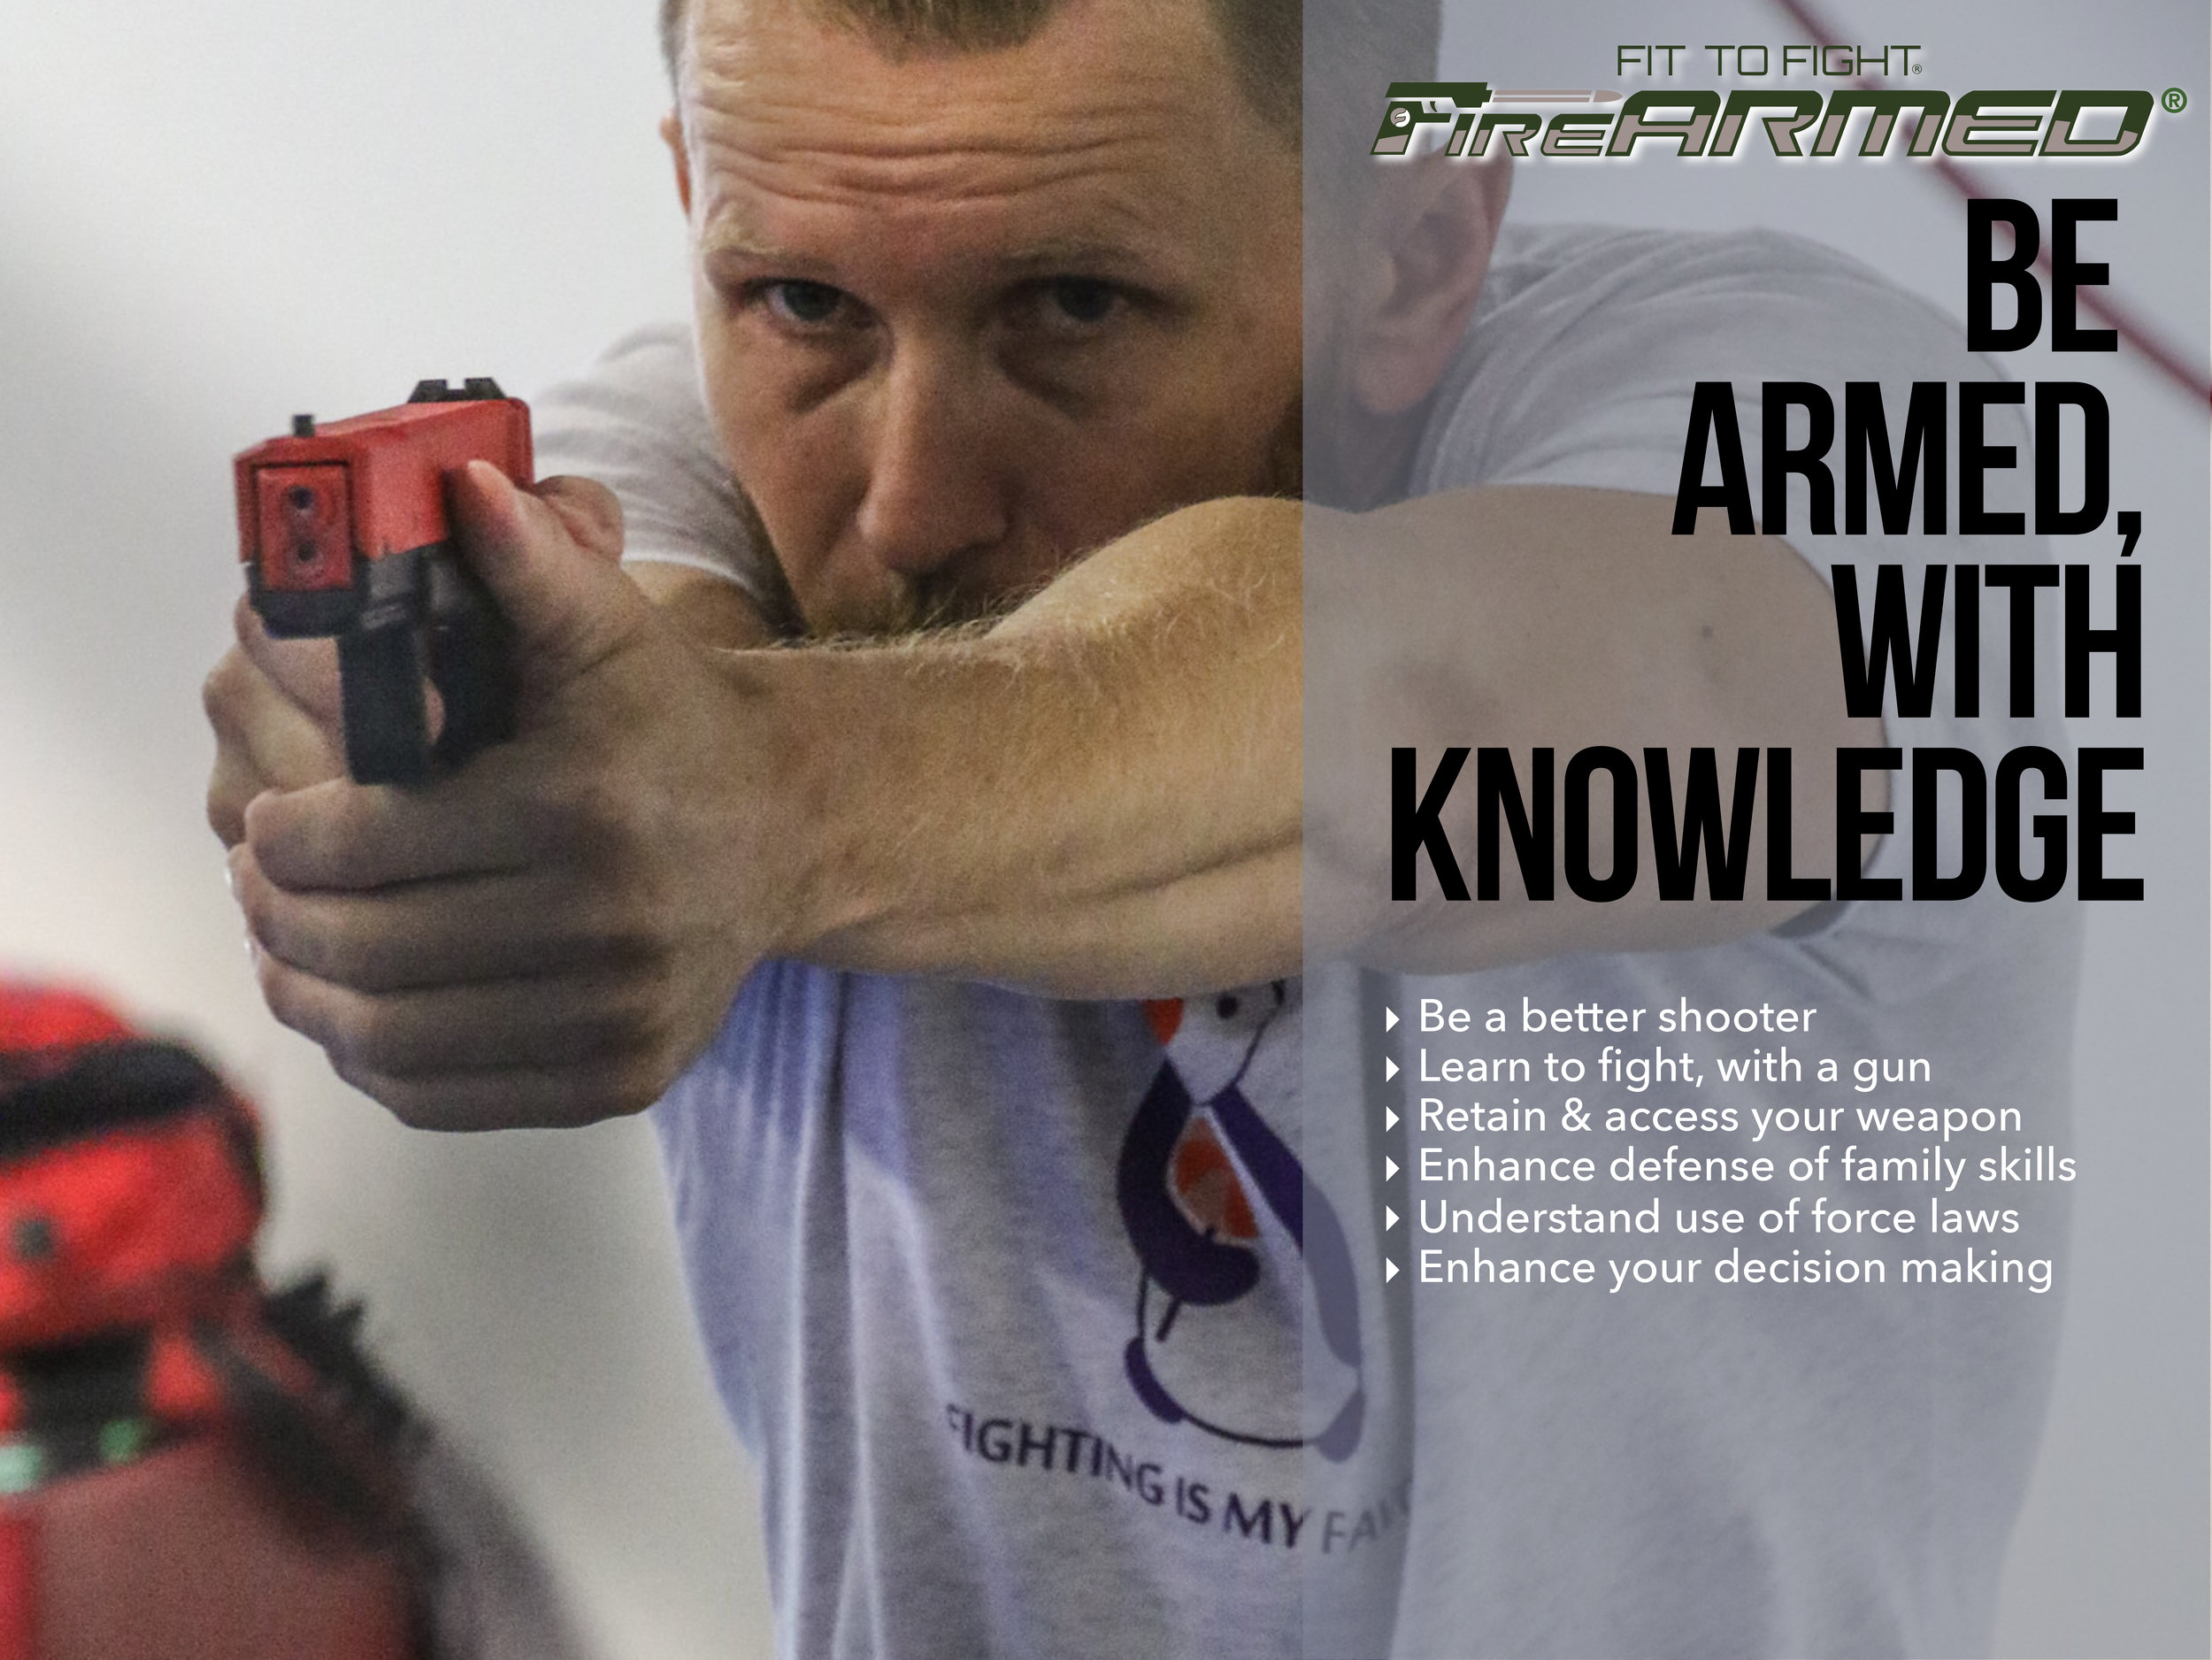 firearmedimages-3.jpg